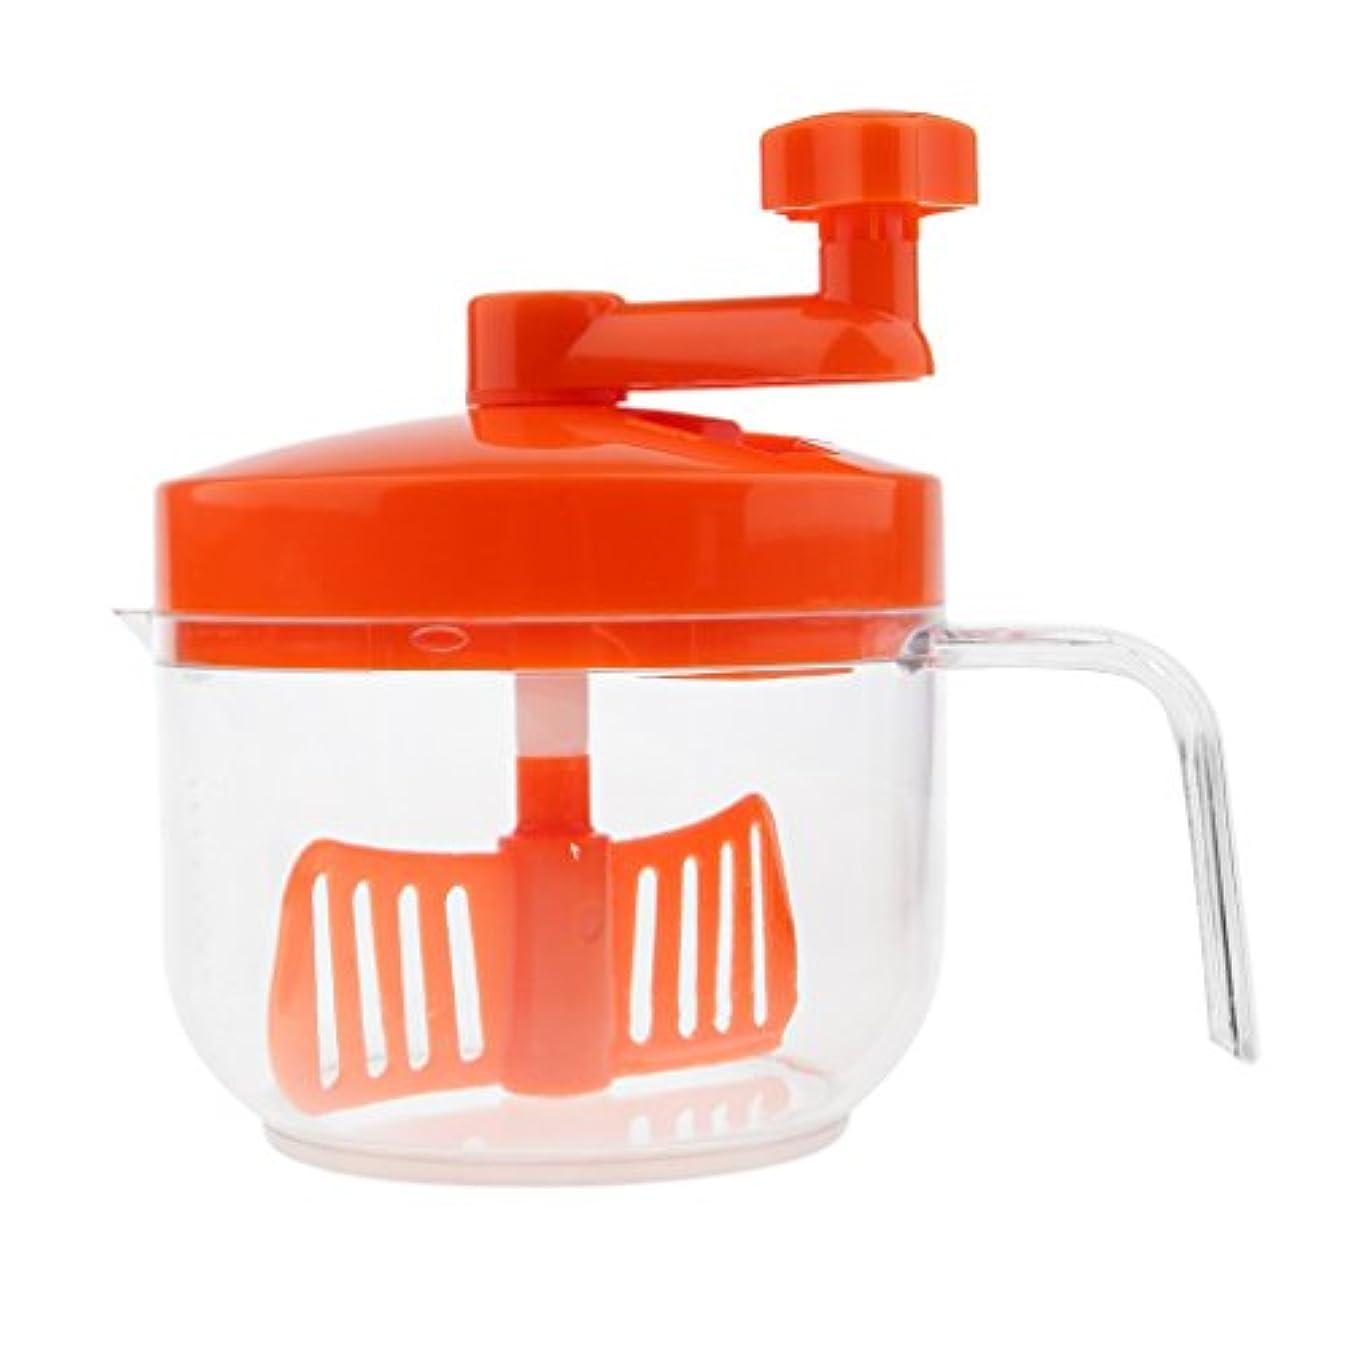 支配的理想的ブルToygogo 手動ヘアカラーミキシングボウル染色ミキサーティント泡立て器攪拌スケール攪拌機